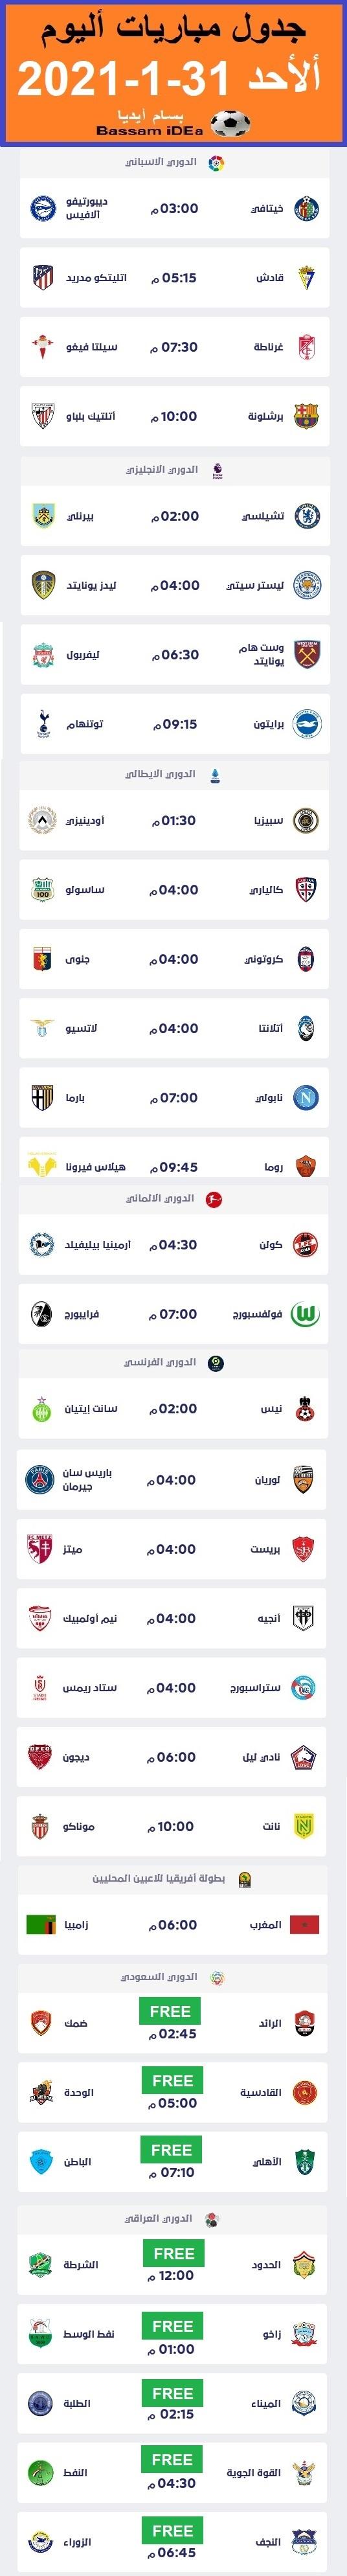 مباريات اليوم ألاحد 31-1-2021 Matches today